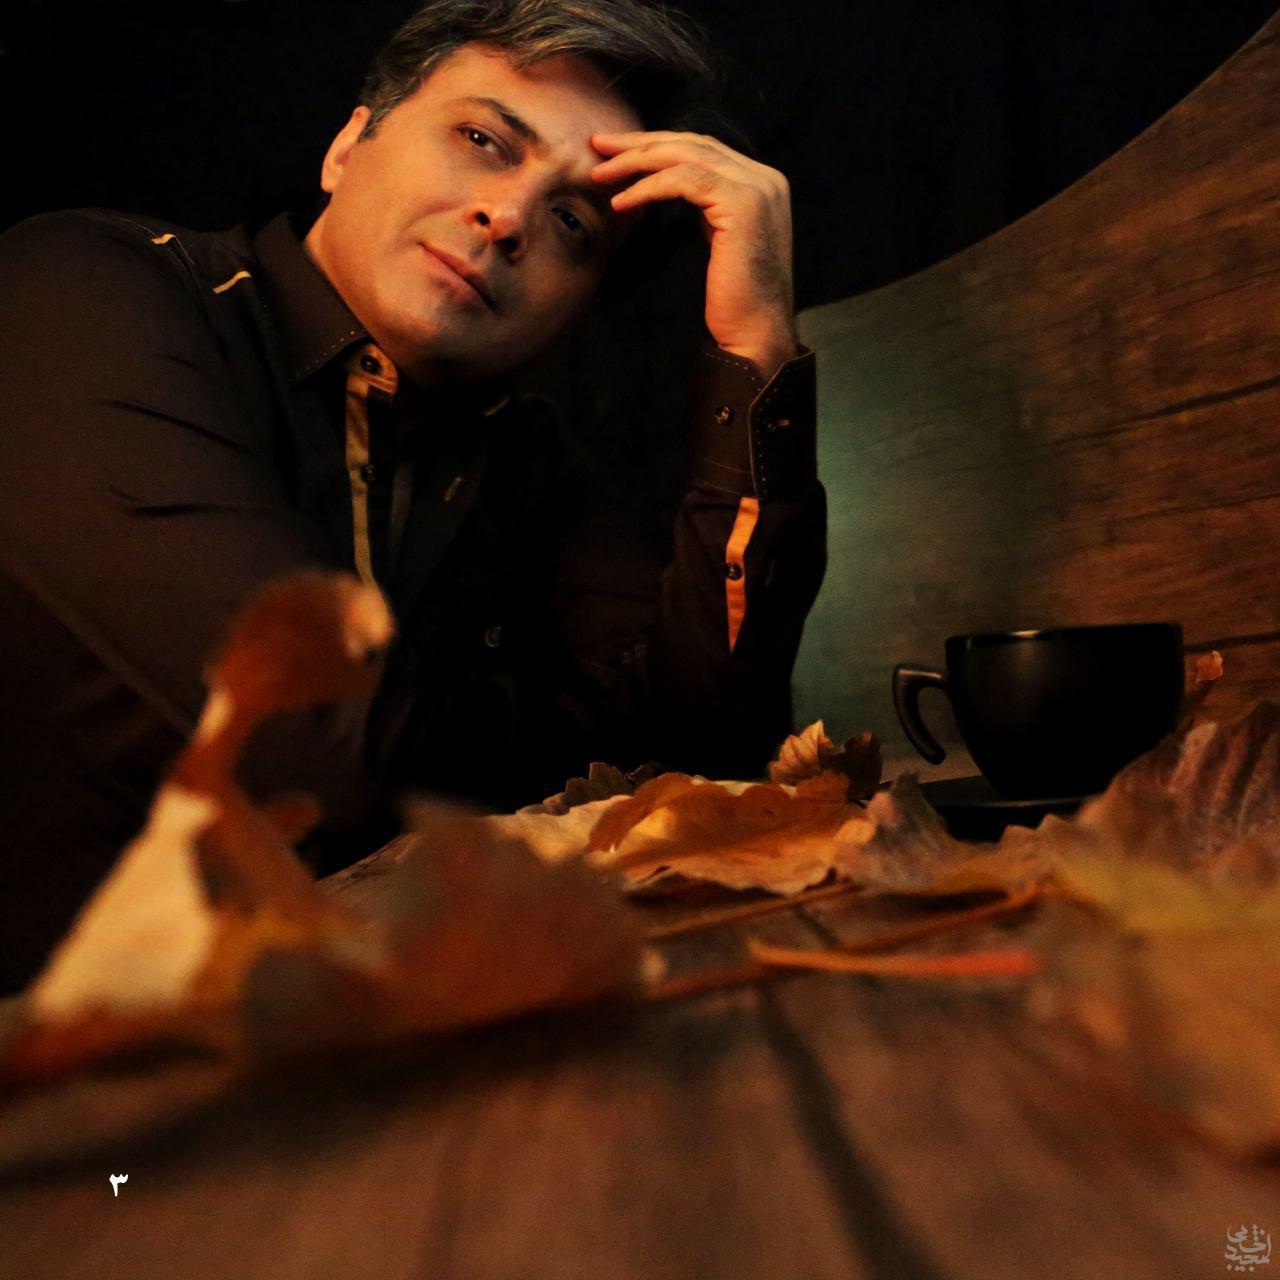 اجرای زنده قطعه شقایق توسط مجید اخشابی